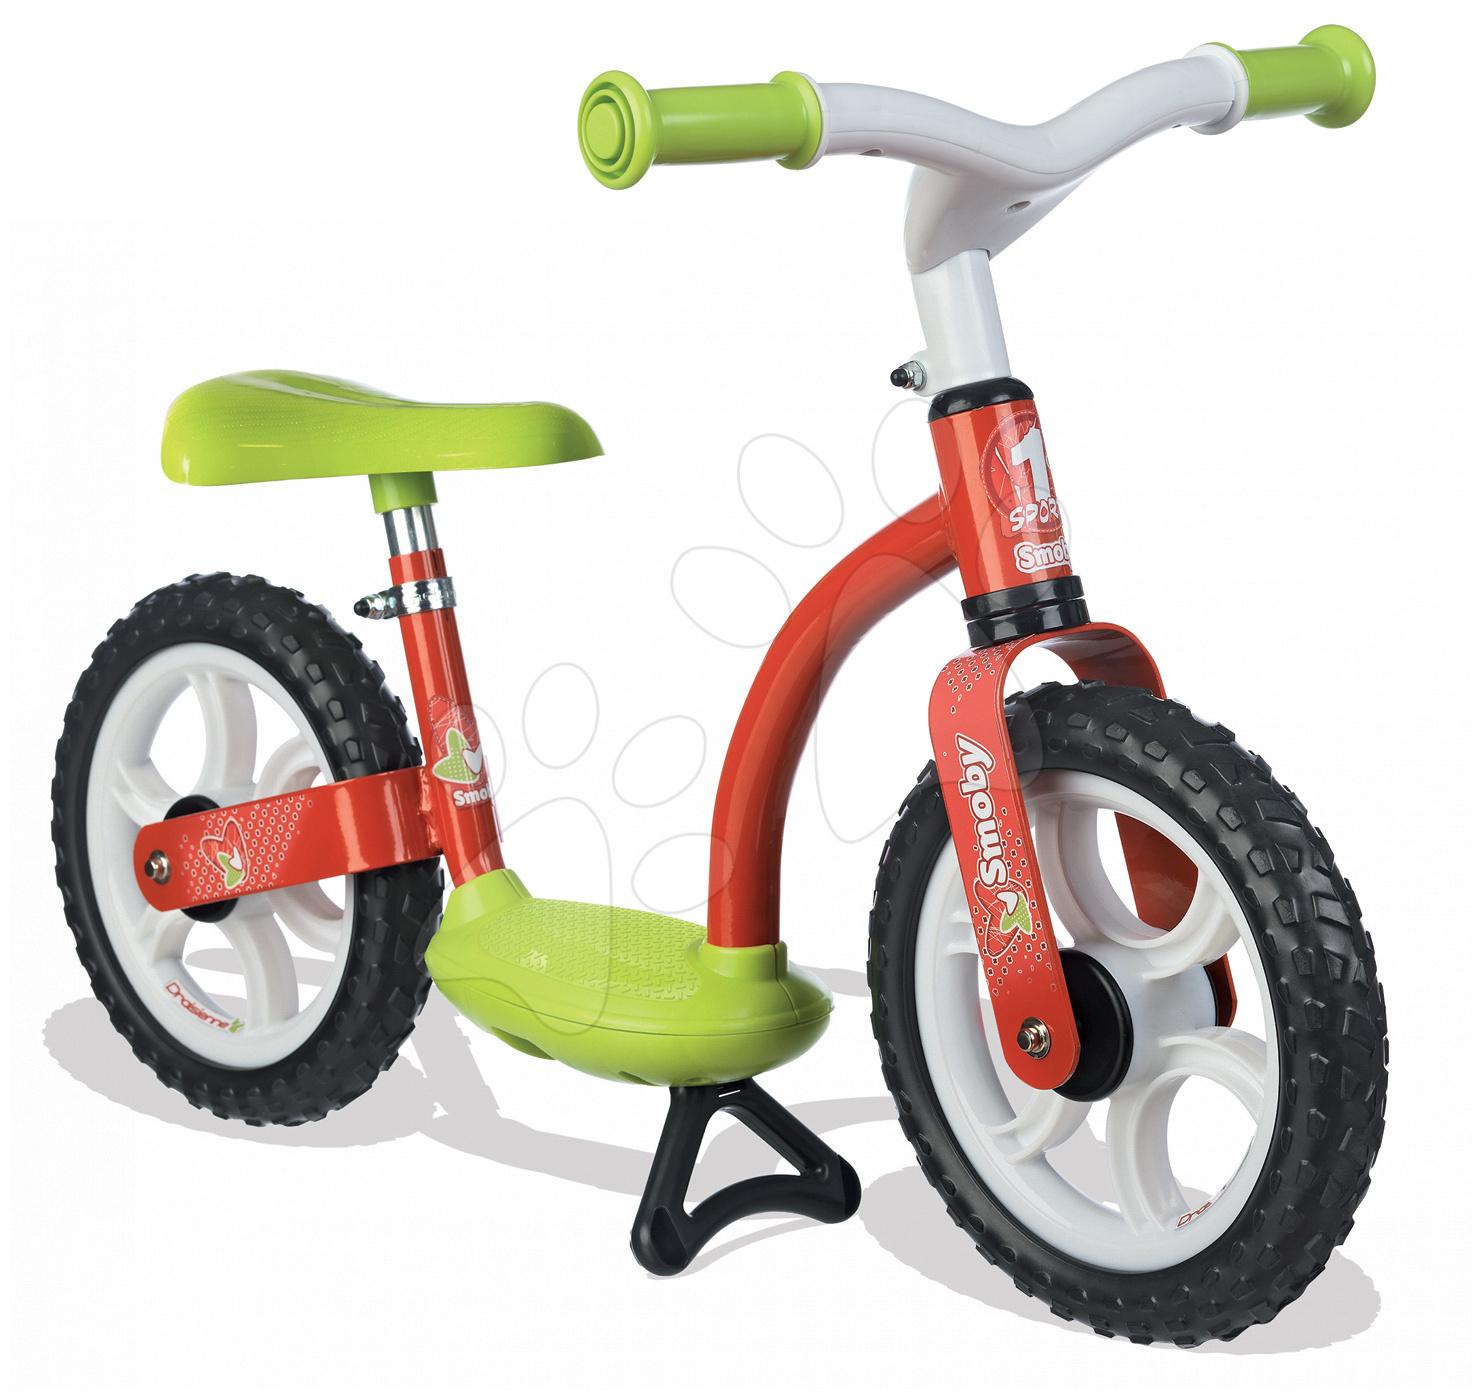 Odrážadlá od 18 mesiacov - Balančné odrážadlo Learning Bike Smoby s nastaviteľnou výškou sedadla červeno-žlté od 24 mes